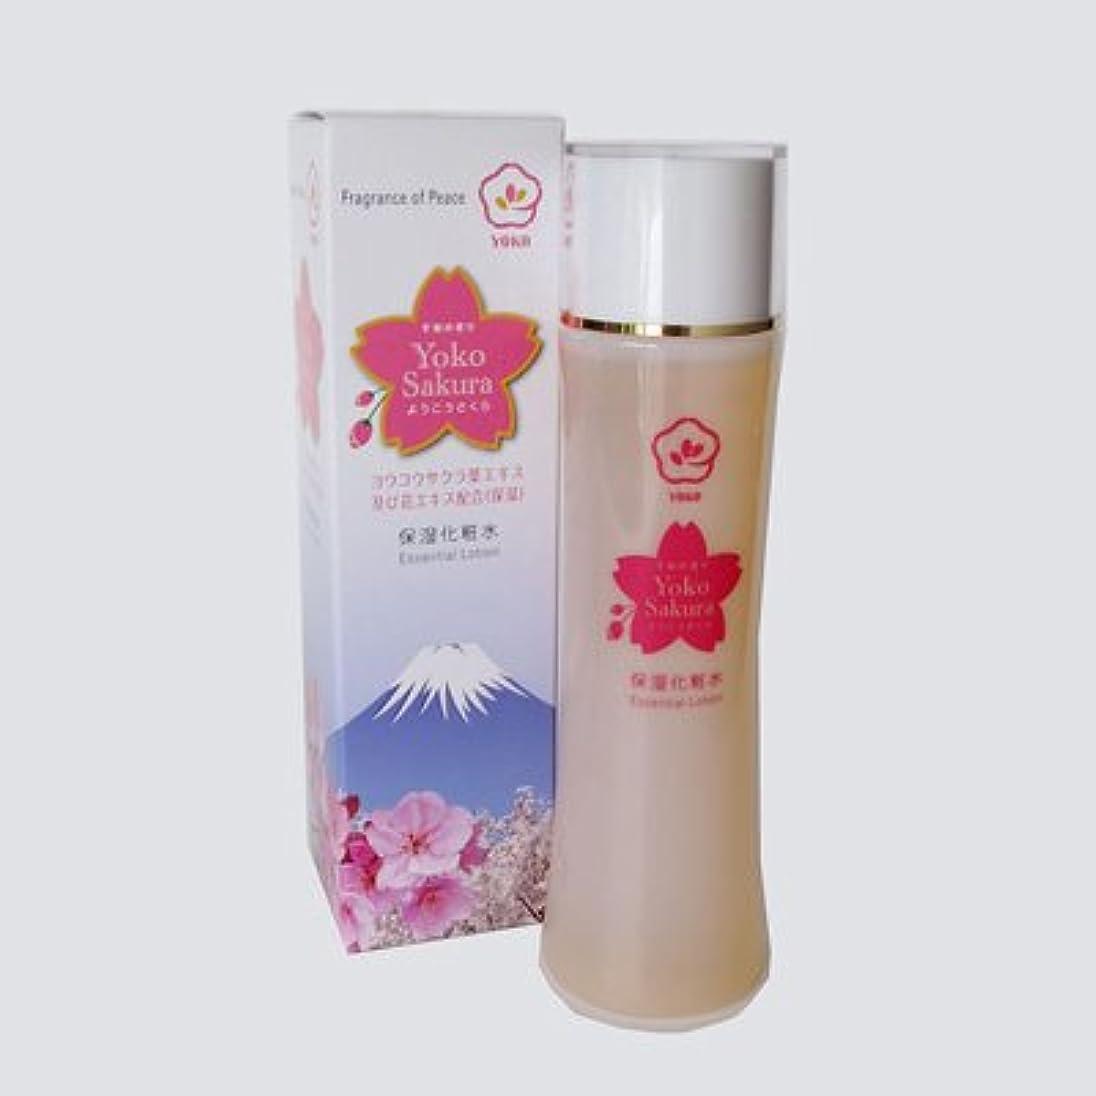 注入する権利を与える肥料陽光ローション(保湿化粧水) 陽光桜のエキス配合の保湿化粧水。敏感肌の方にもどうぞ